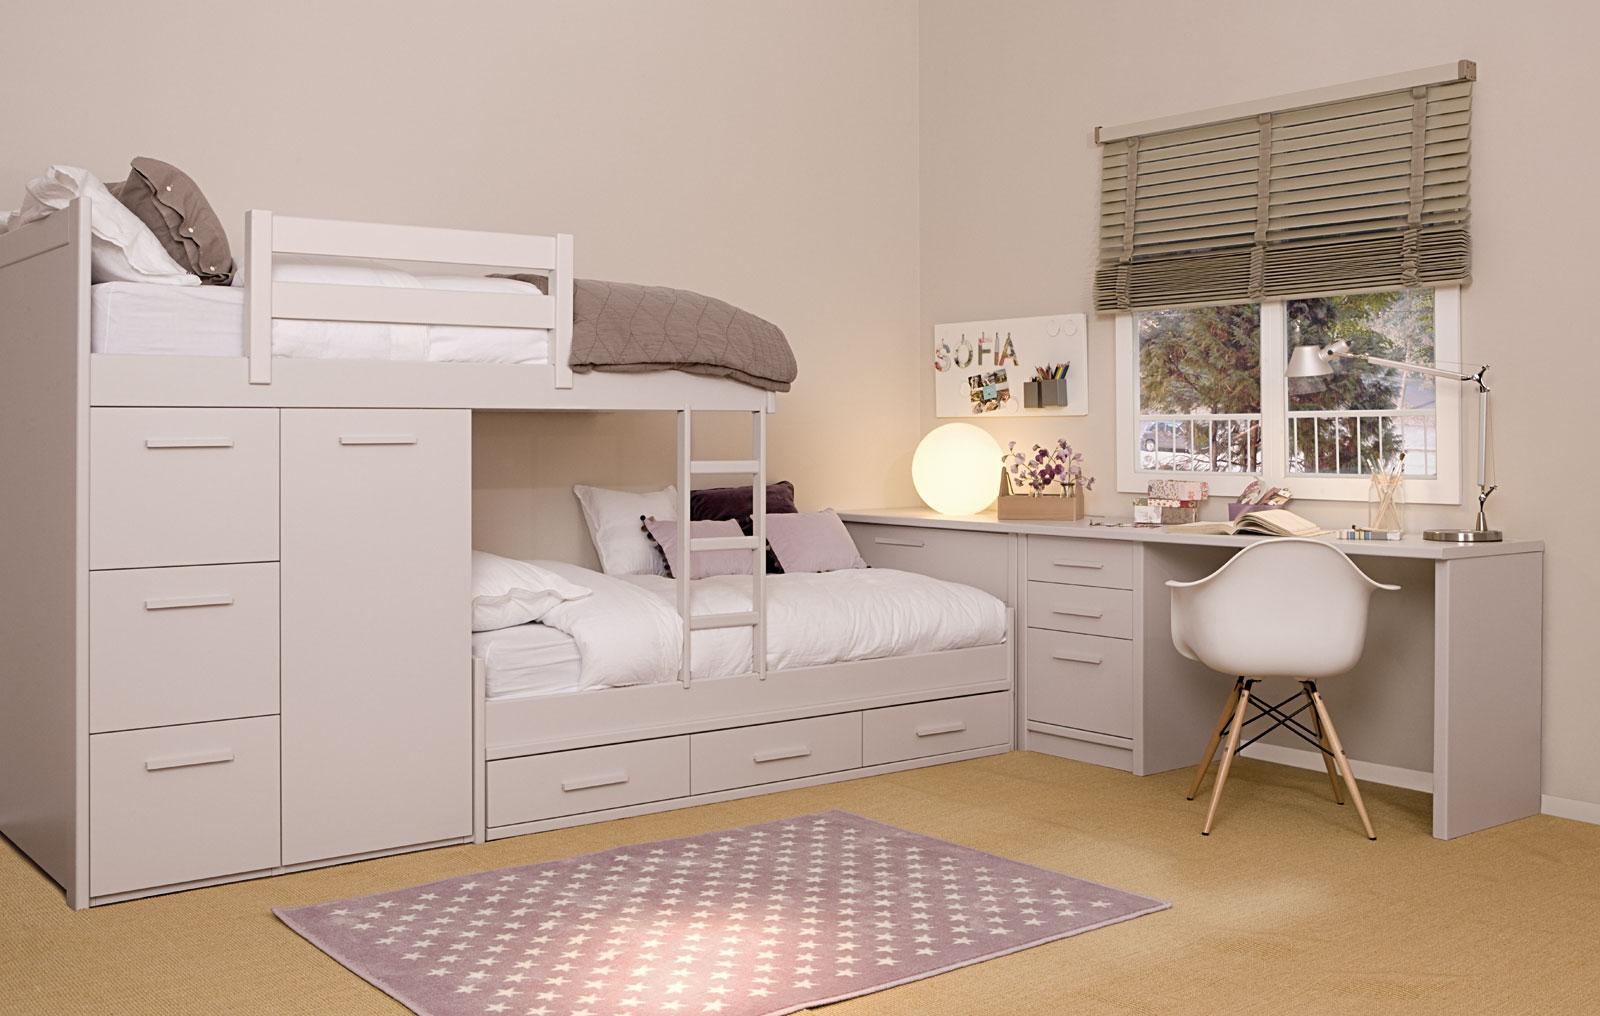 10 Dormitorios juveniles modernos  Ideas para decorar